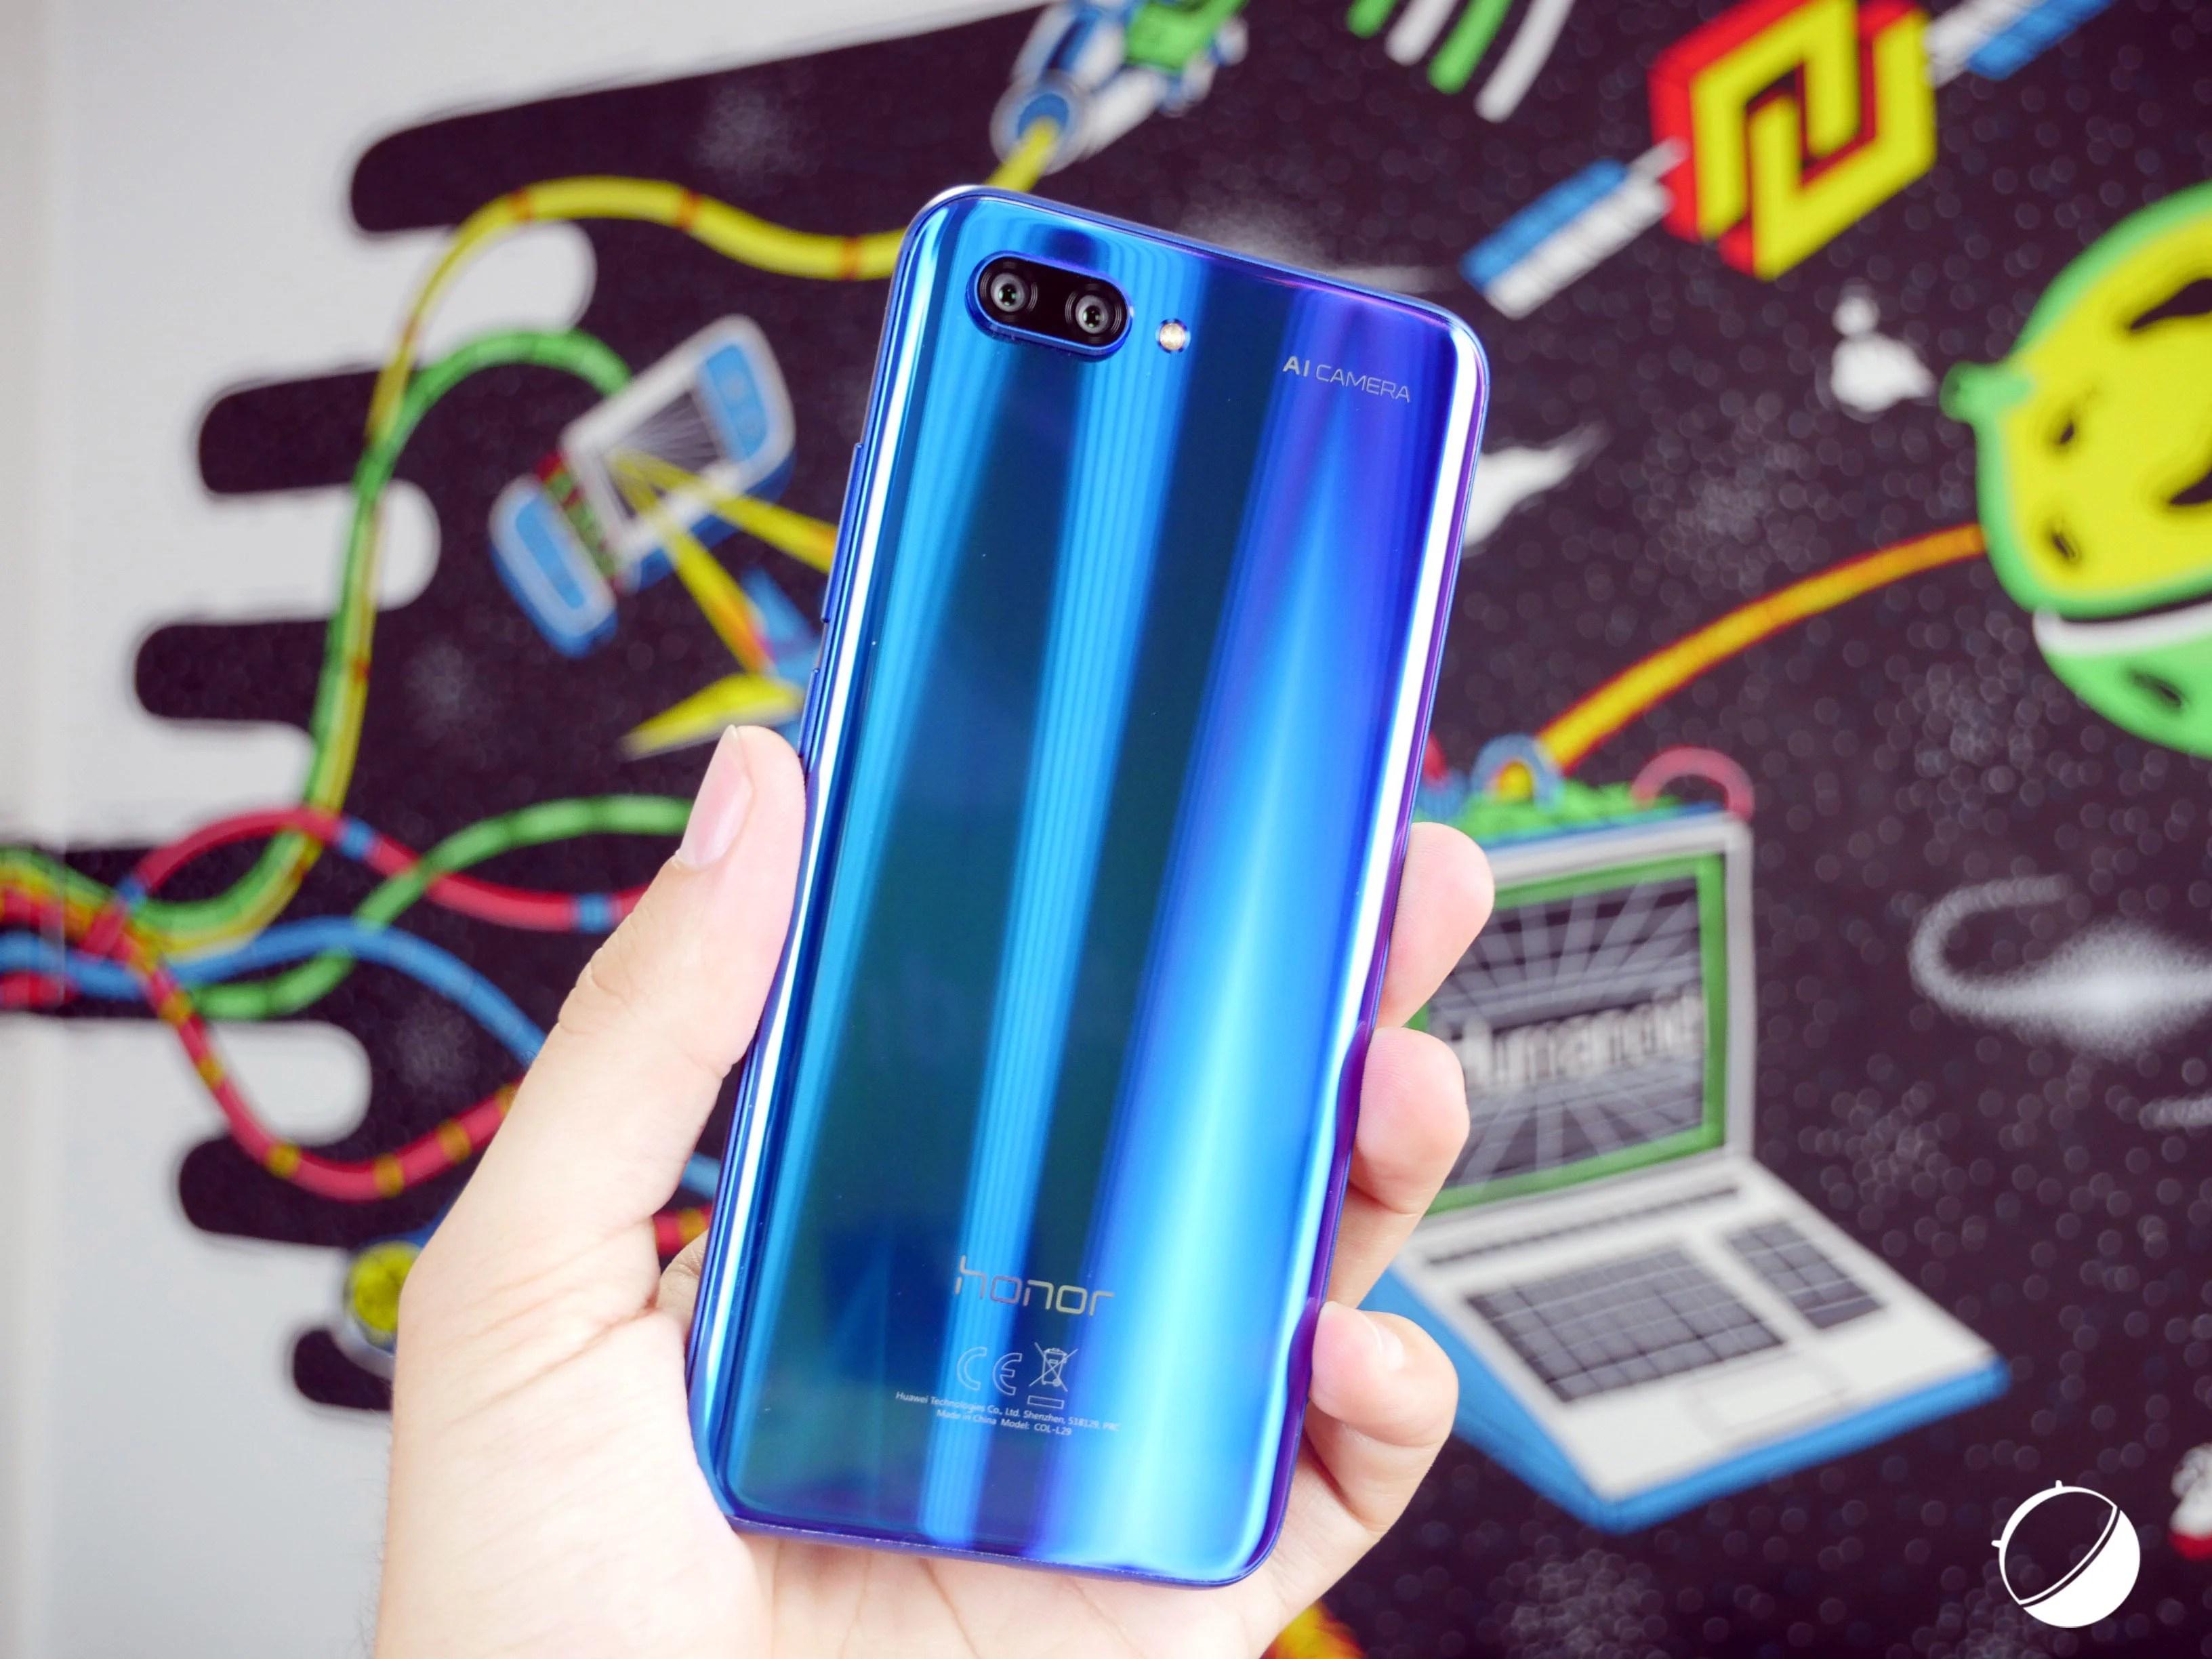 Honor annonce l'arrivée d'Android 10 sur 7 nouveaux smartphones